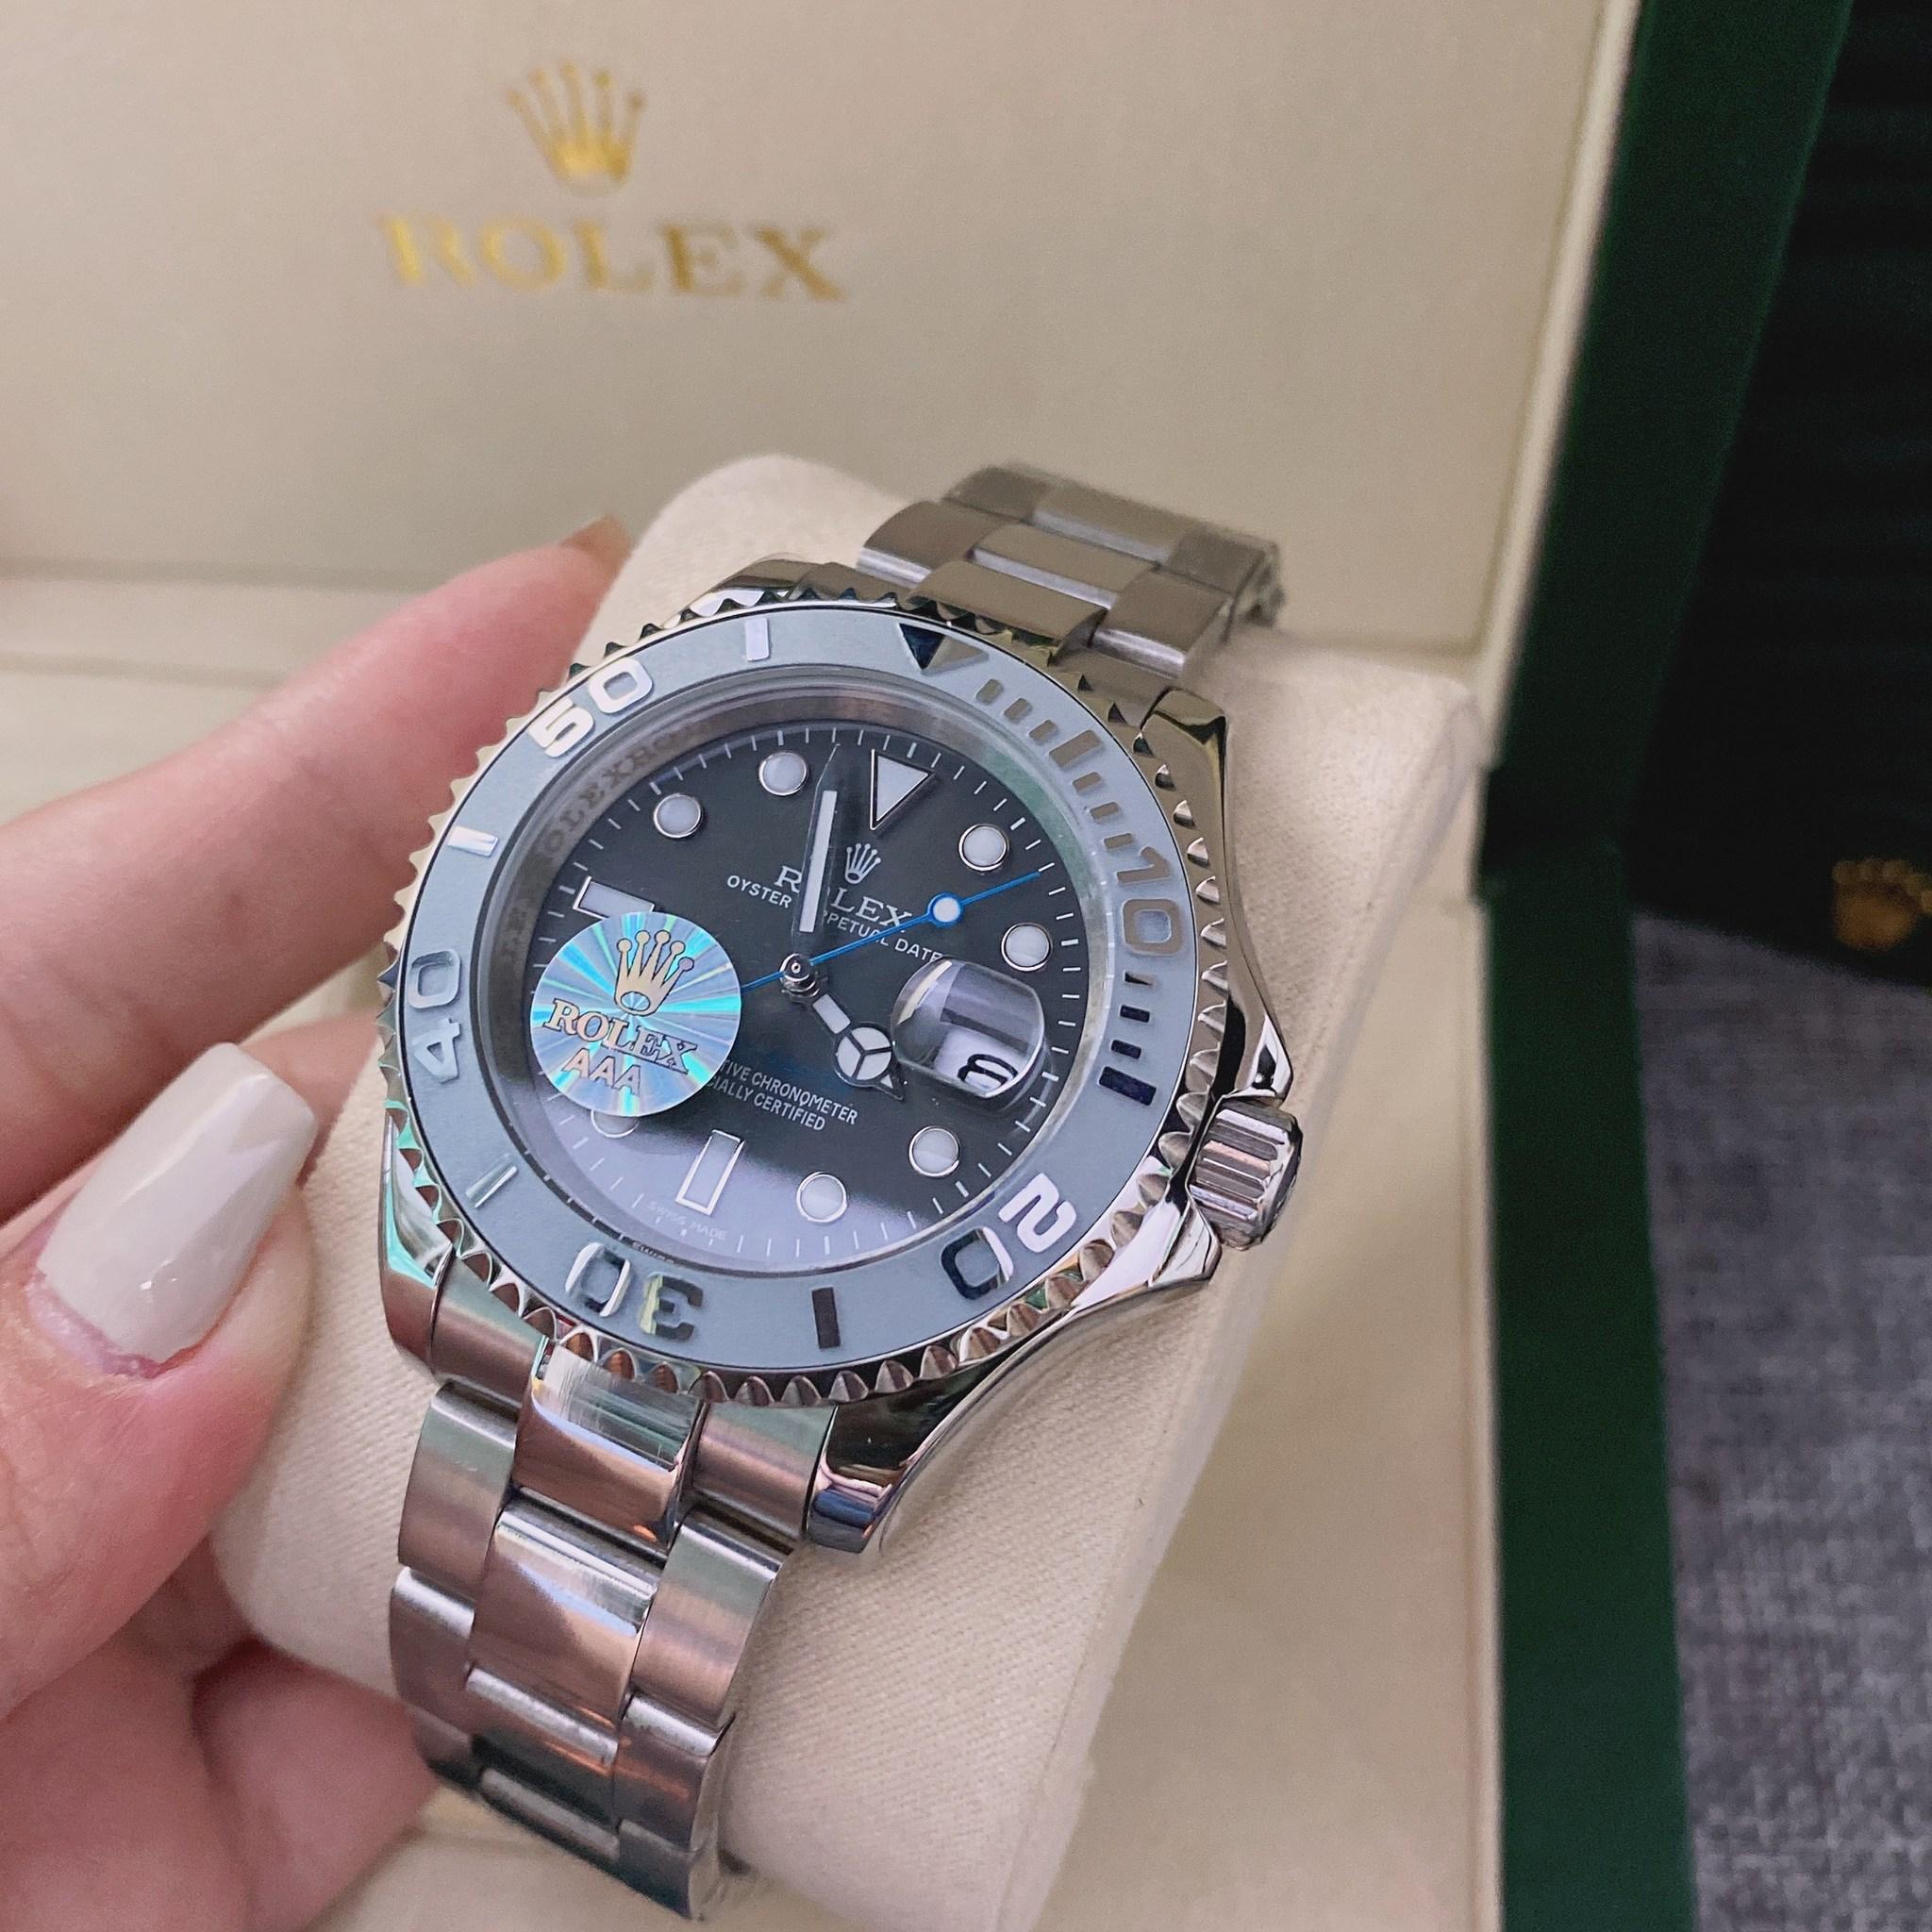 Rolex Yacht-Master 40 Gray Dial Men's Watch, mirror